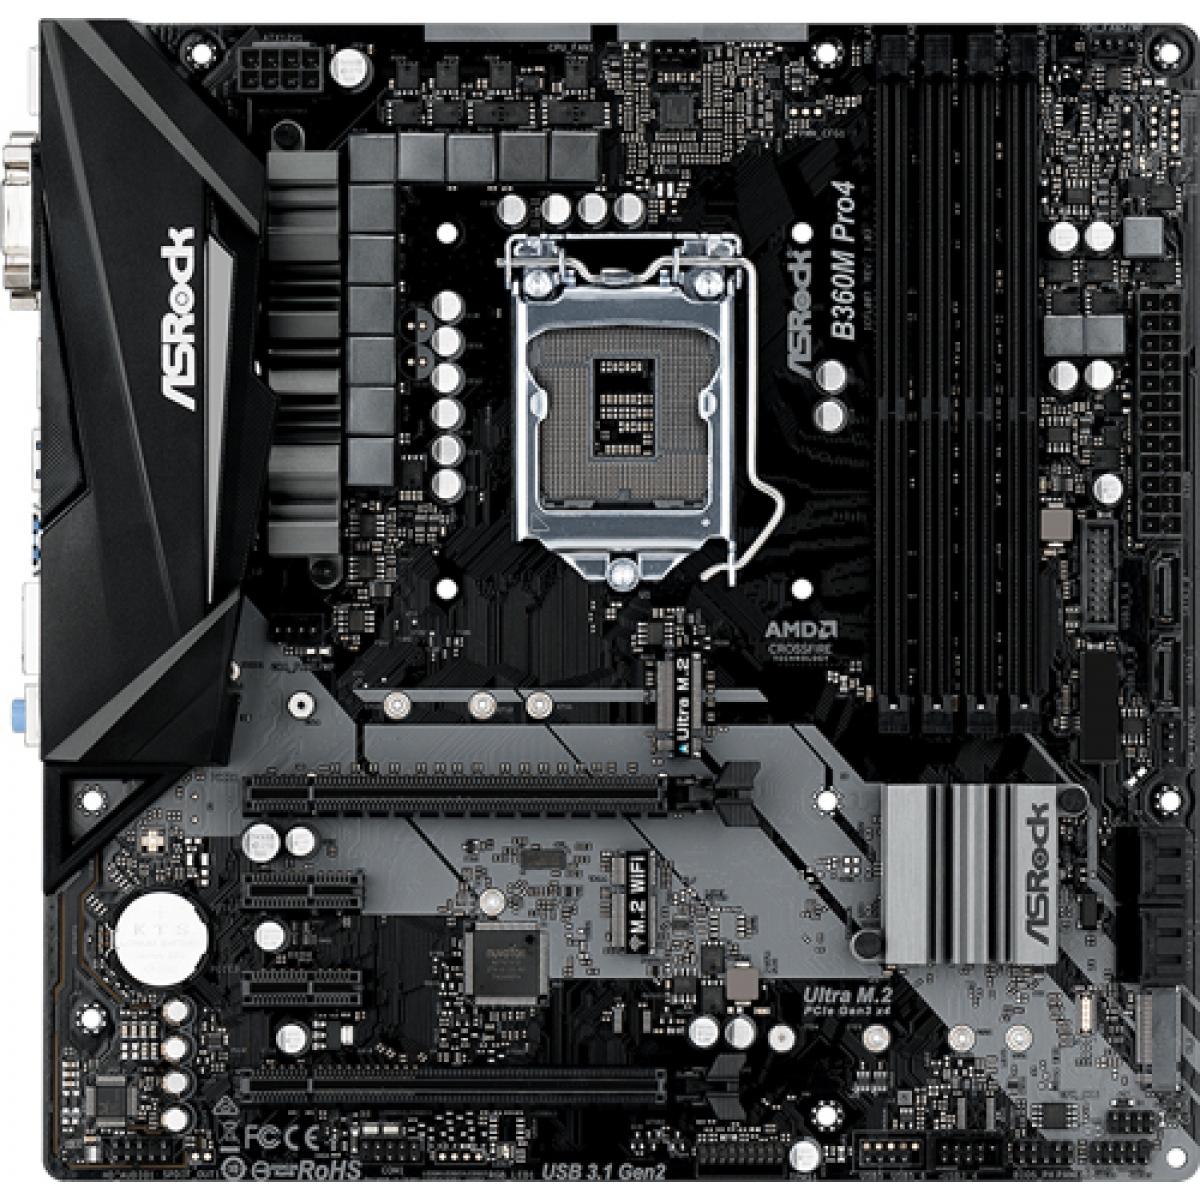 Placa Mãe ASRock B360M Pro4, Chipset B360, Intel LGA 1151, mATX, DDR4